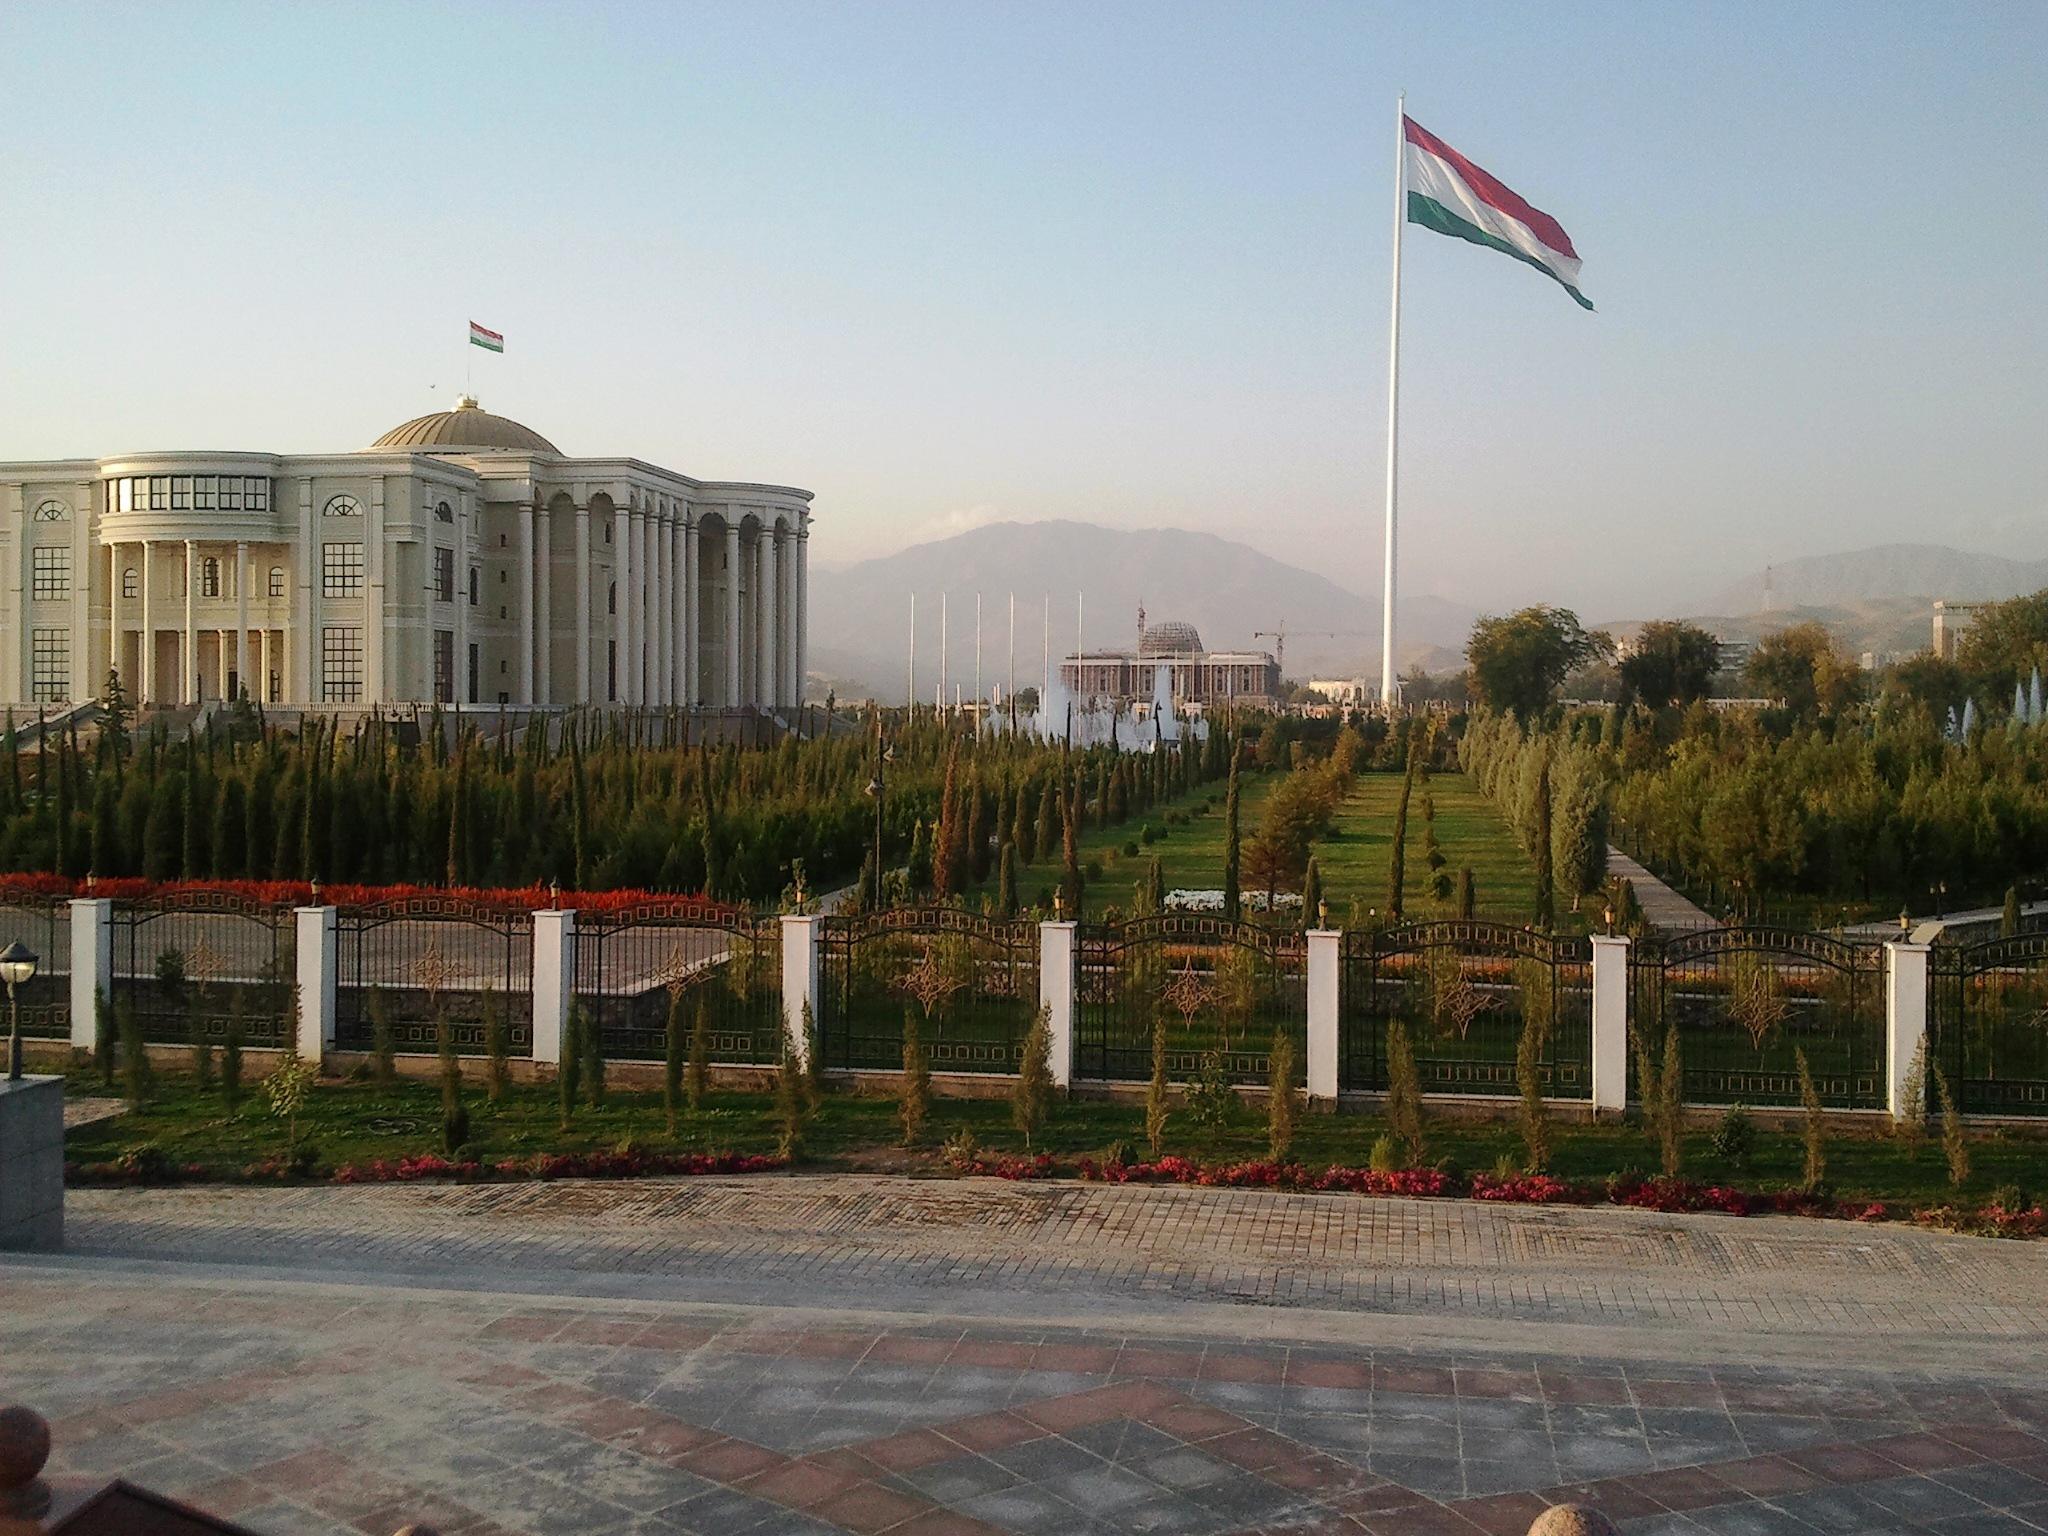 Tacikistan təbii fəlakətin nəticələrinin aradan qaldırılmasında göstərdiyi yardıma görə Azərbaycana təşəkkür edib